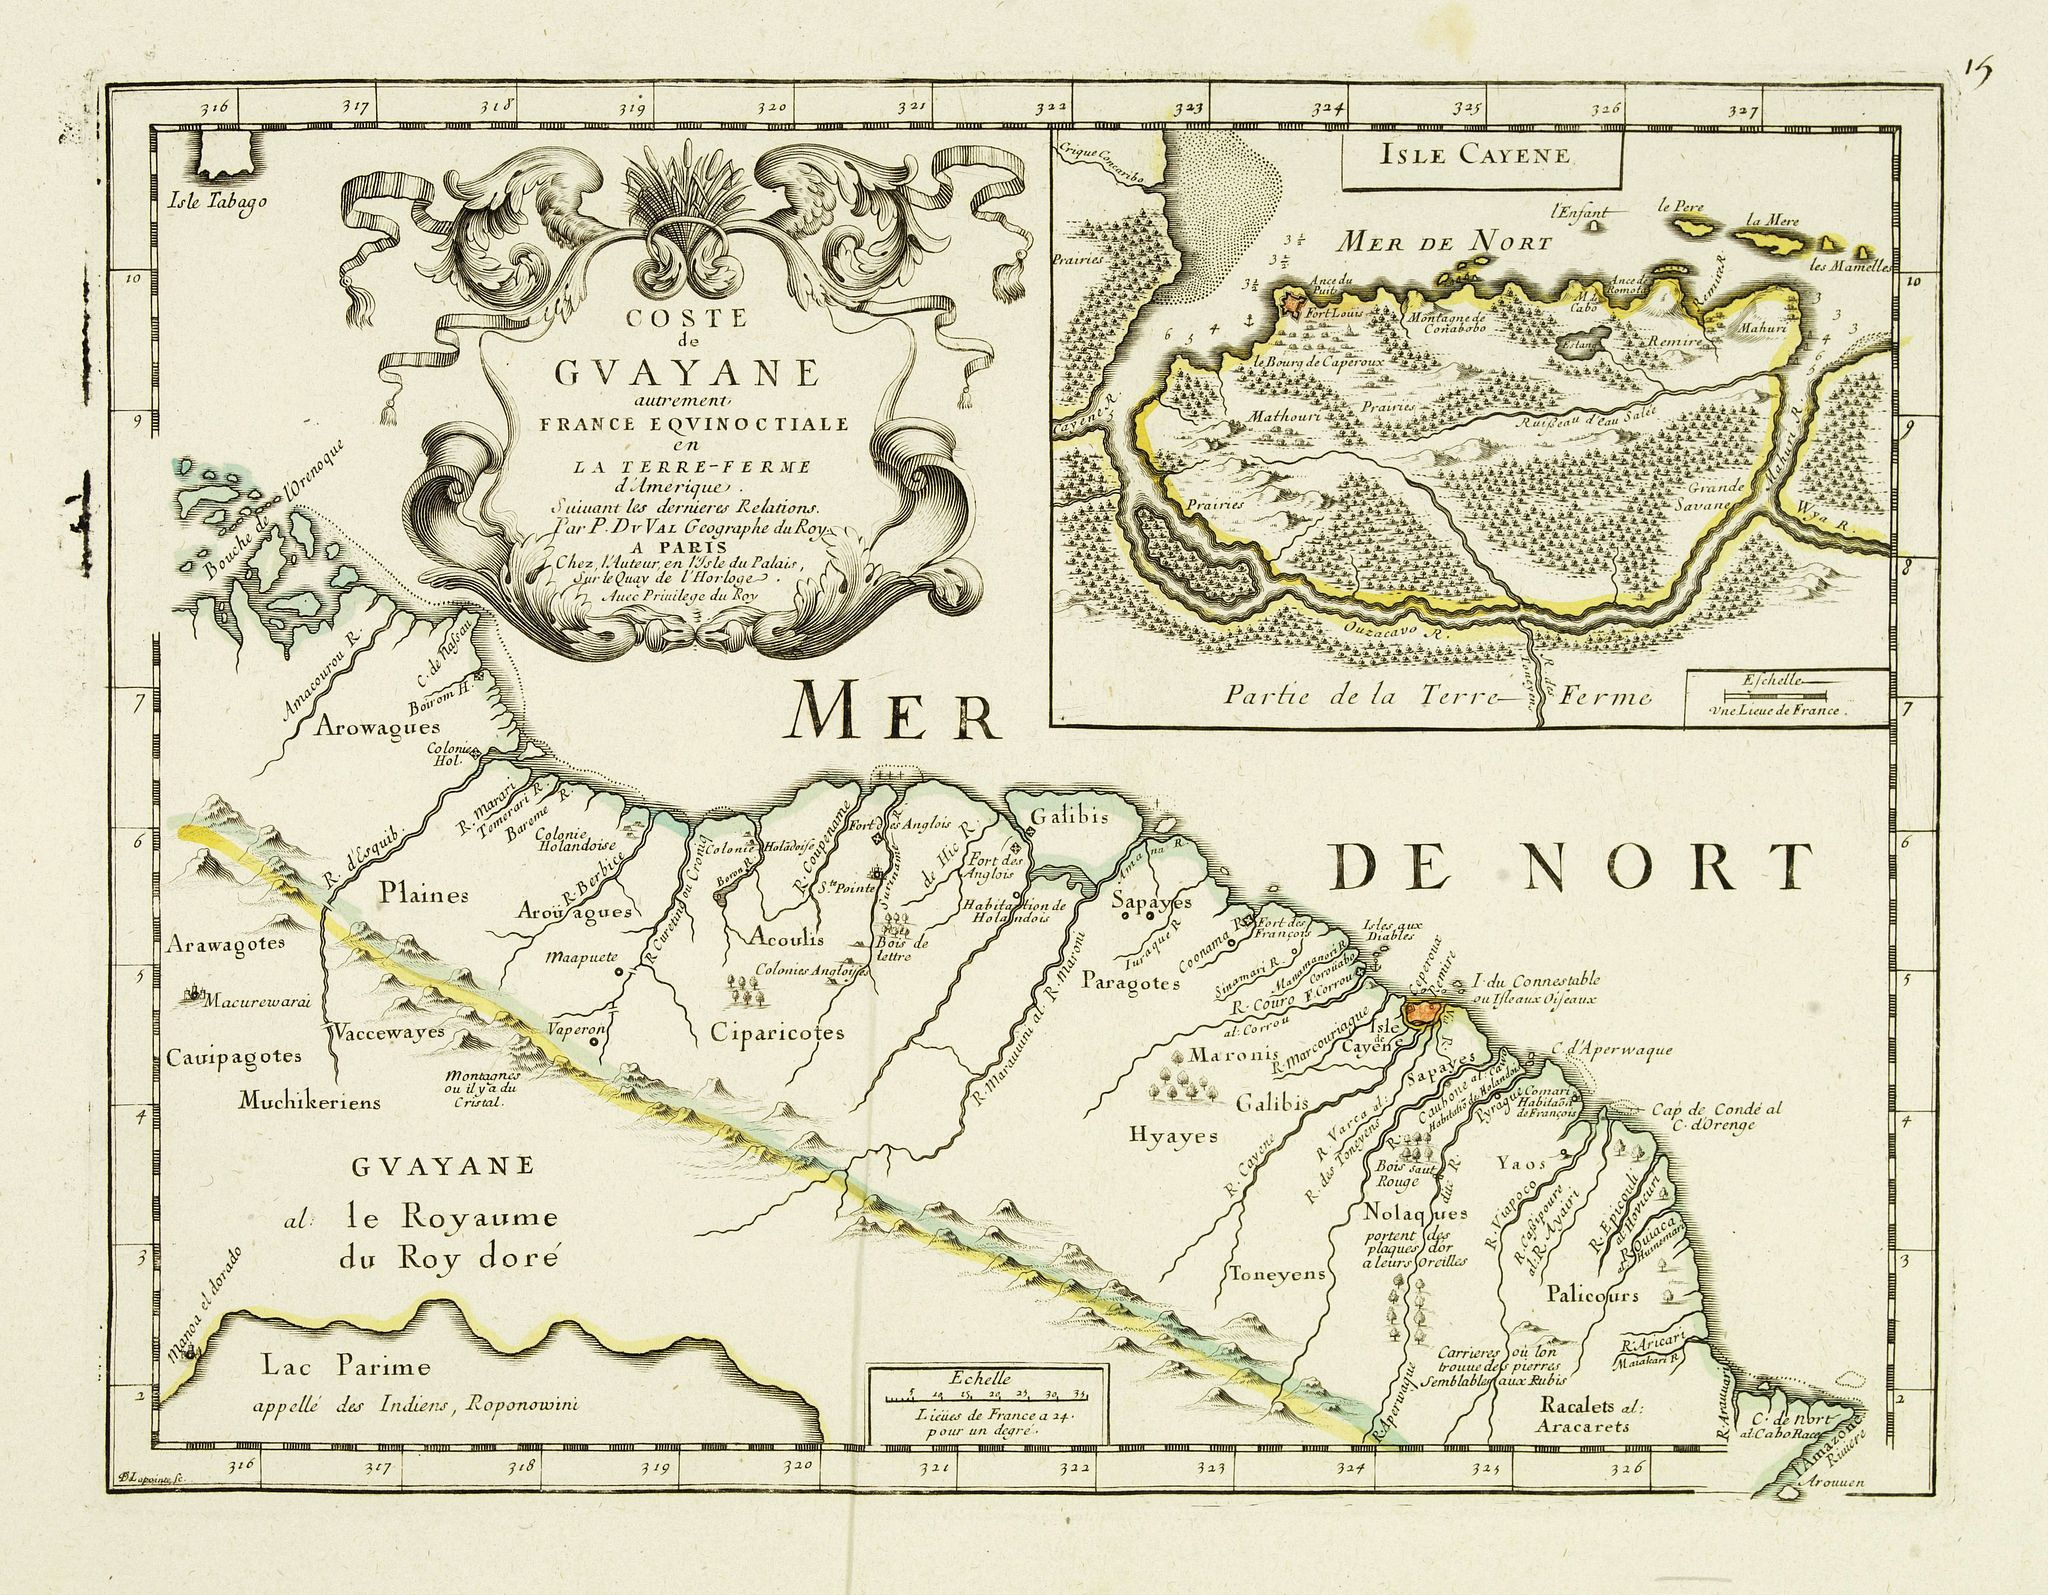 DU VAL, P. -  Coste de Guayane autrement Franc Equinoctale en la Terre-Ferme d